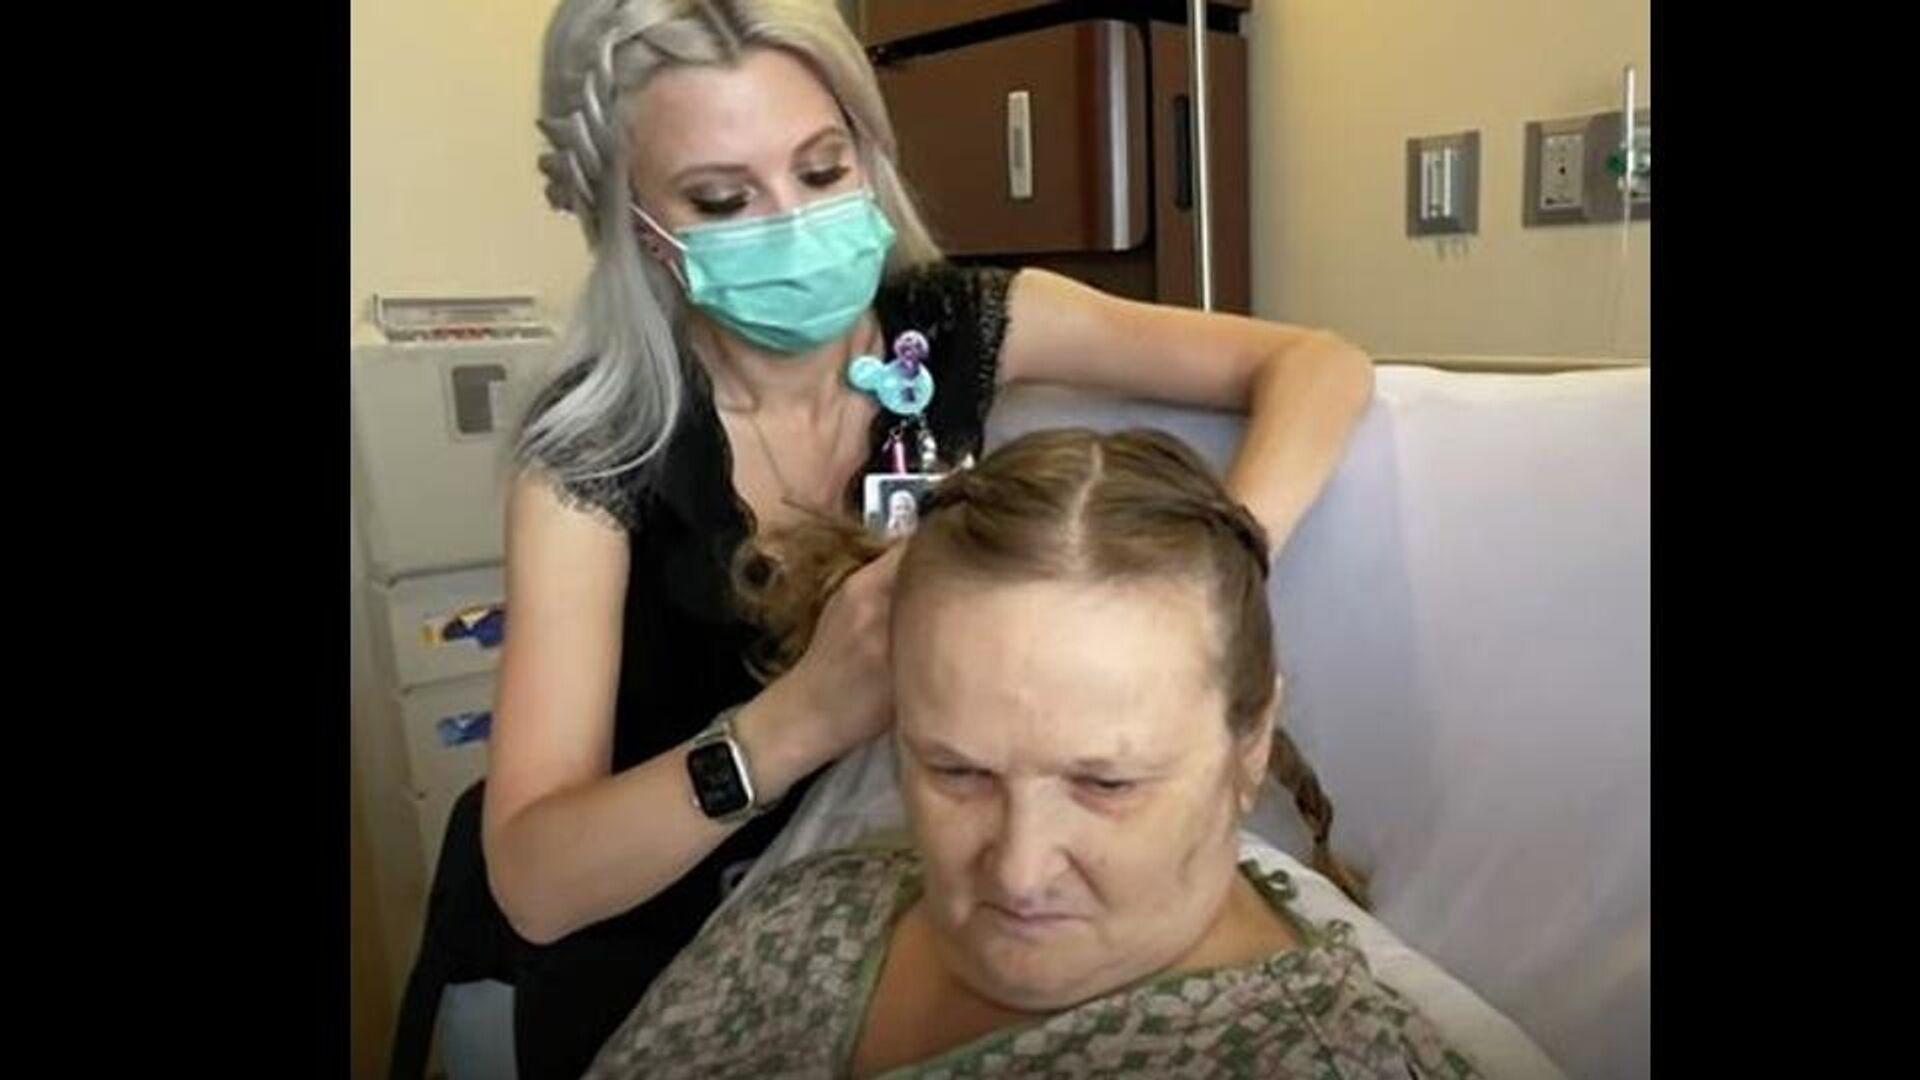 Καλόκαρδη νοσοκόμα περνάει τα ρεπό της χτενίζοντας ασθενείς για να τις ανακουφίσει - Sputnik Ελλάδα, 1920, 10.09.2021